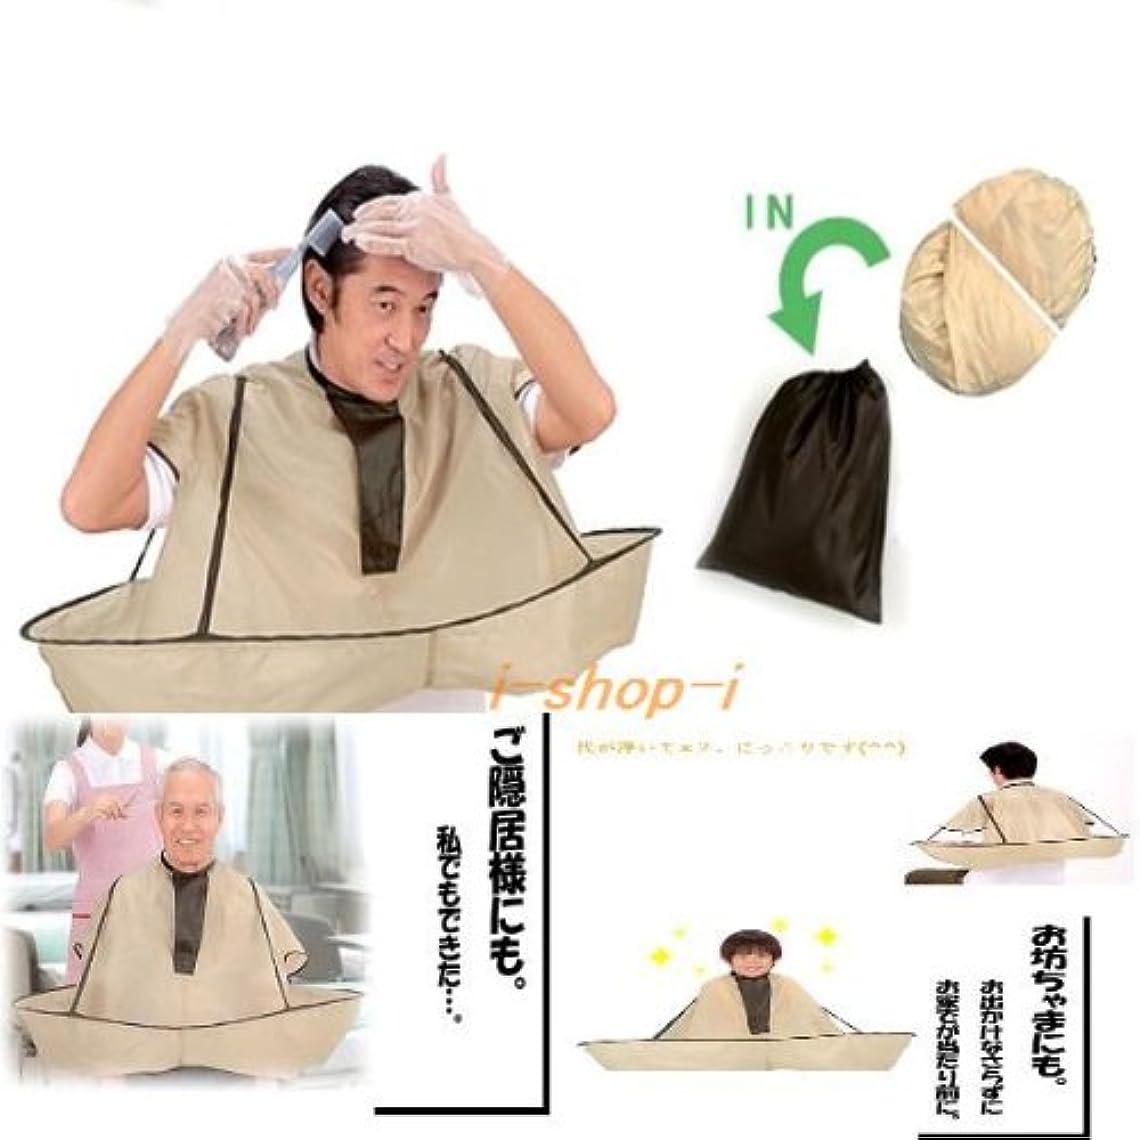 喪労働者インストラクター散髪 毛染め 家族で使える ジャンボ散髪マント ヘアカラー 毛染めケープ カット セルフ